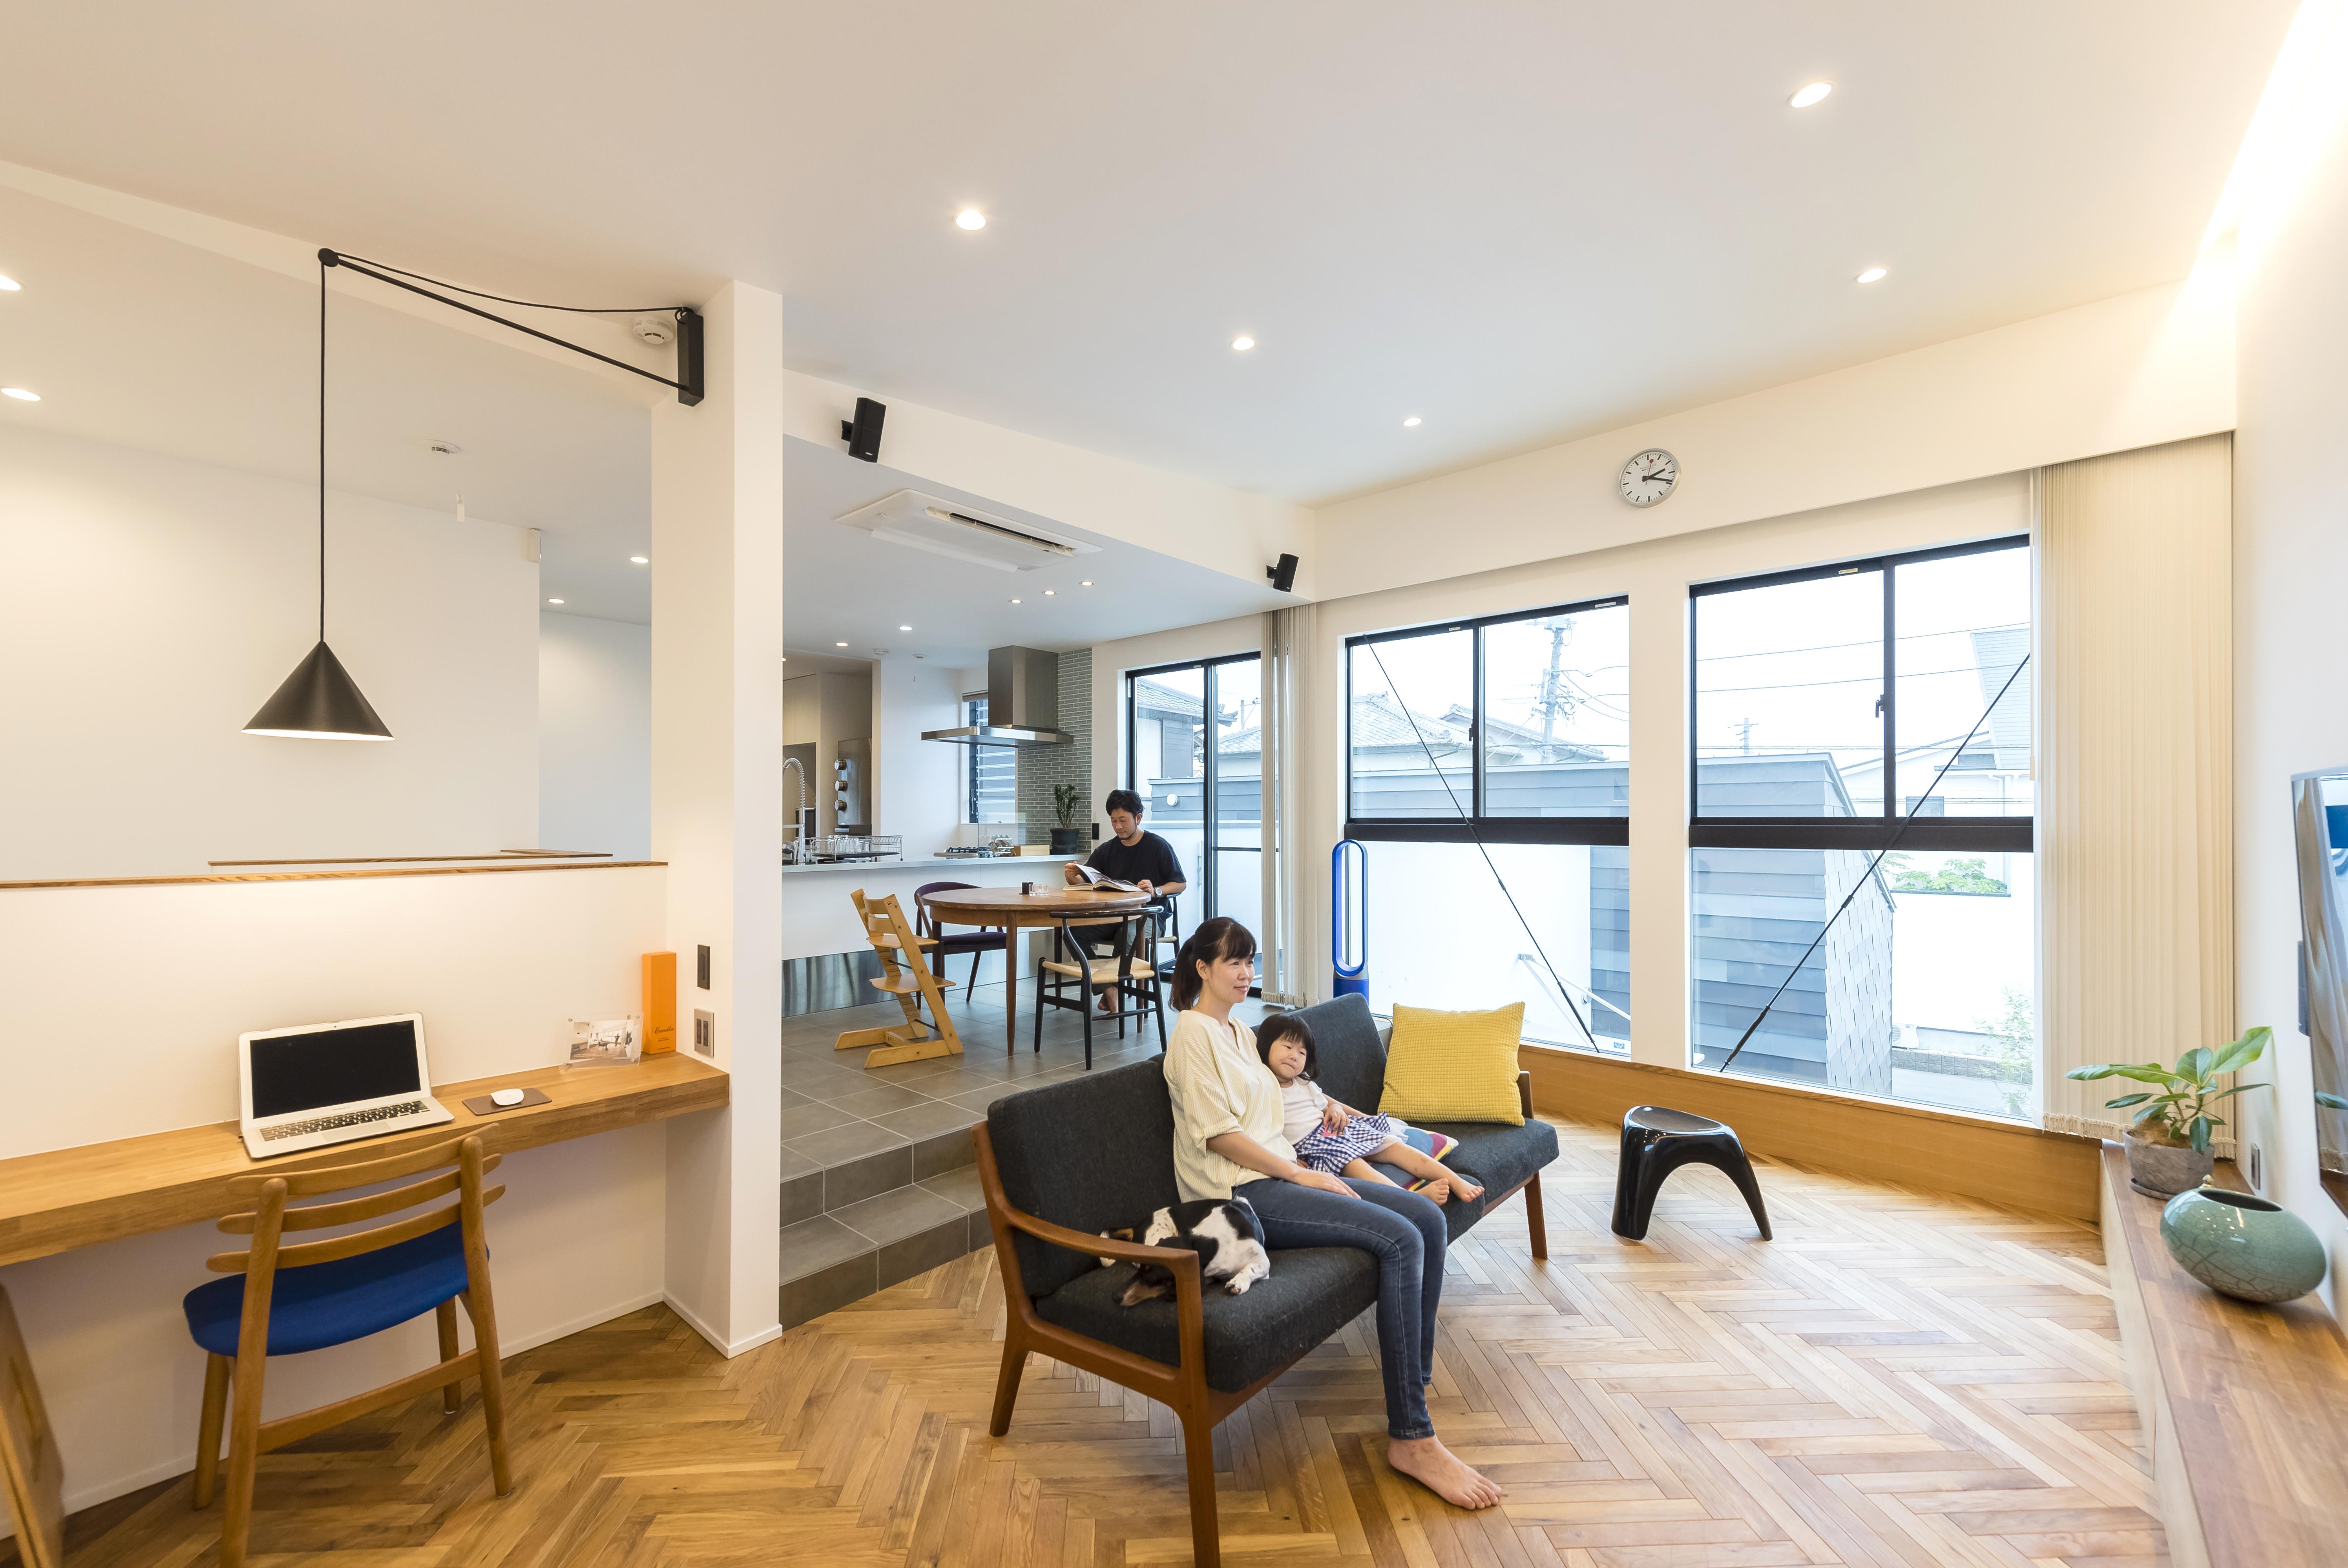 高性能×低価格×デザイン 家づくりは新時代に突入しています!